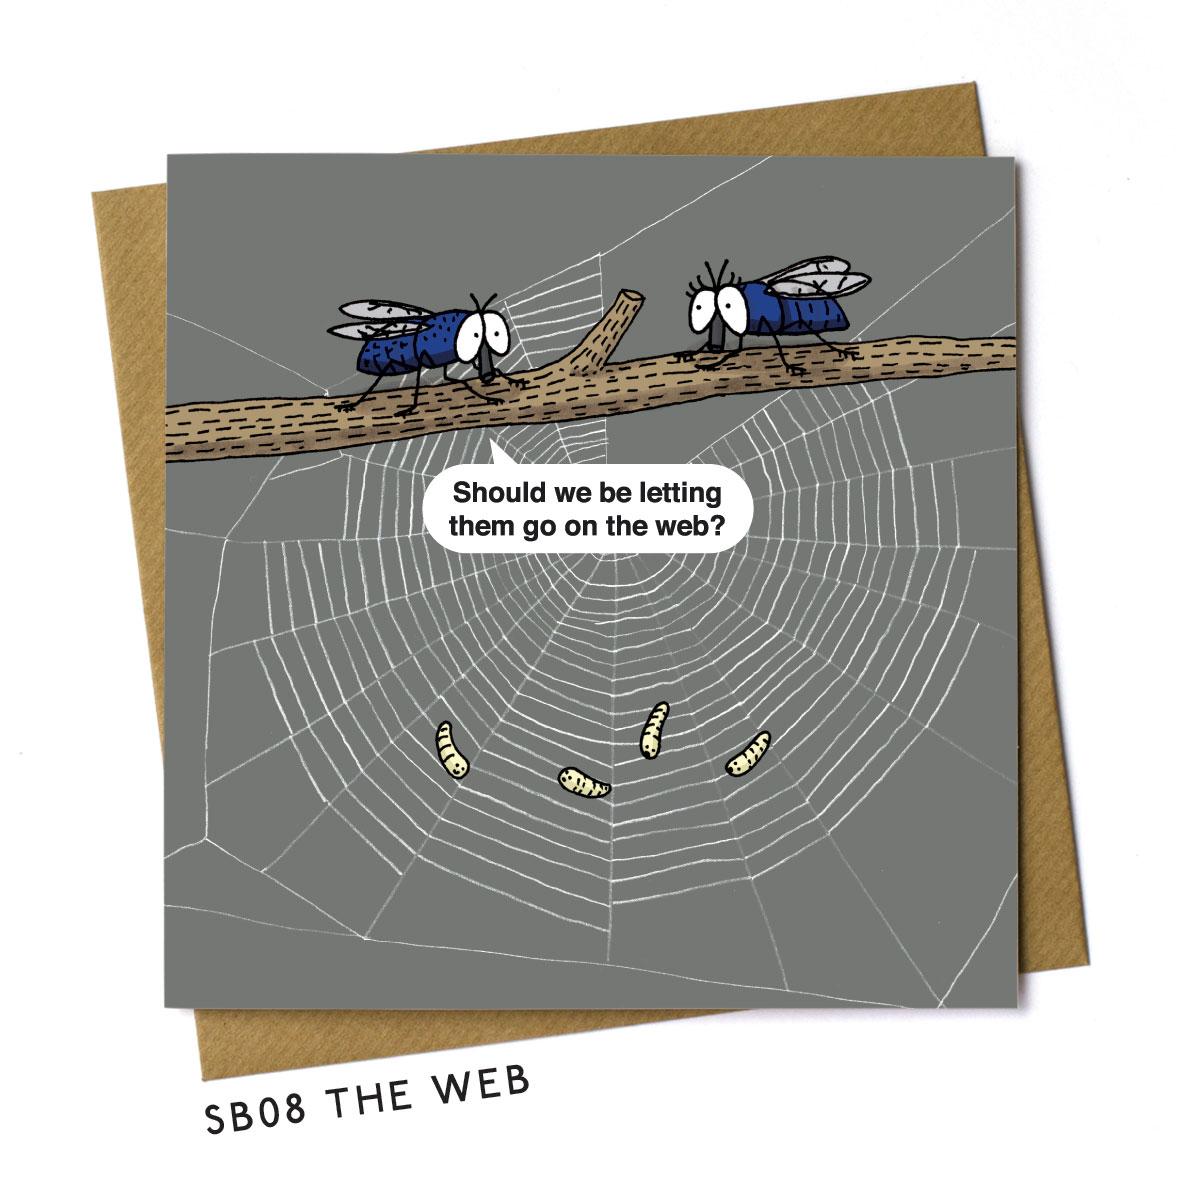 SB08-THE-WEB.jpg